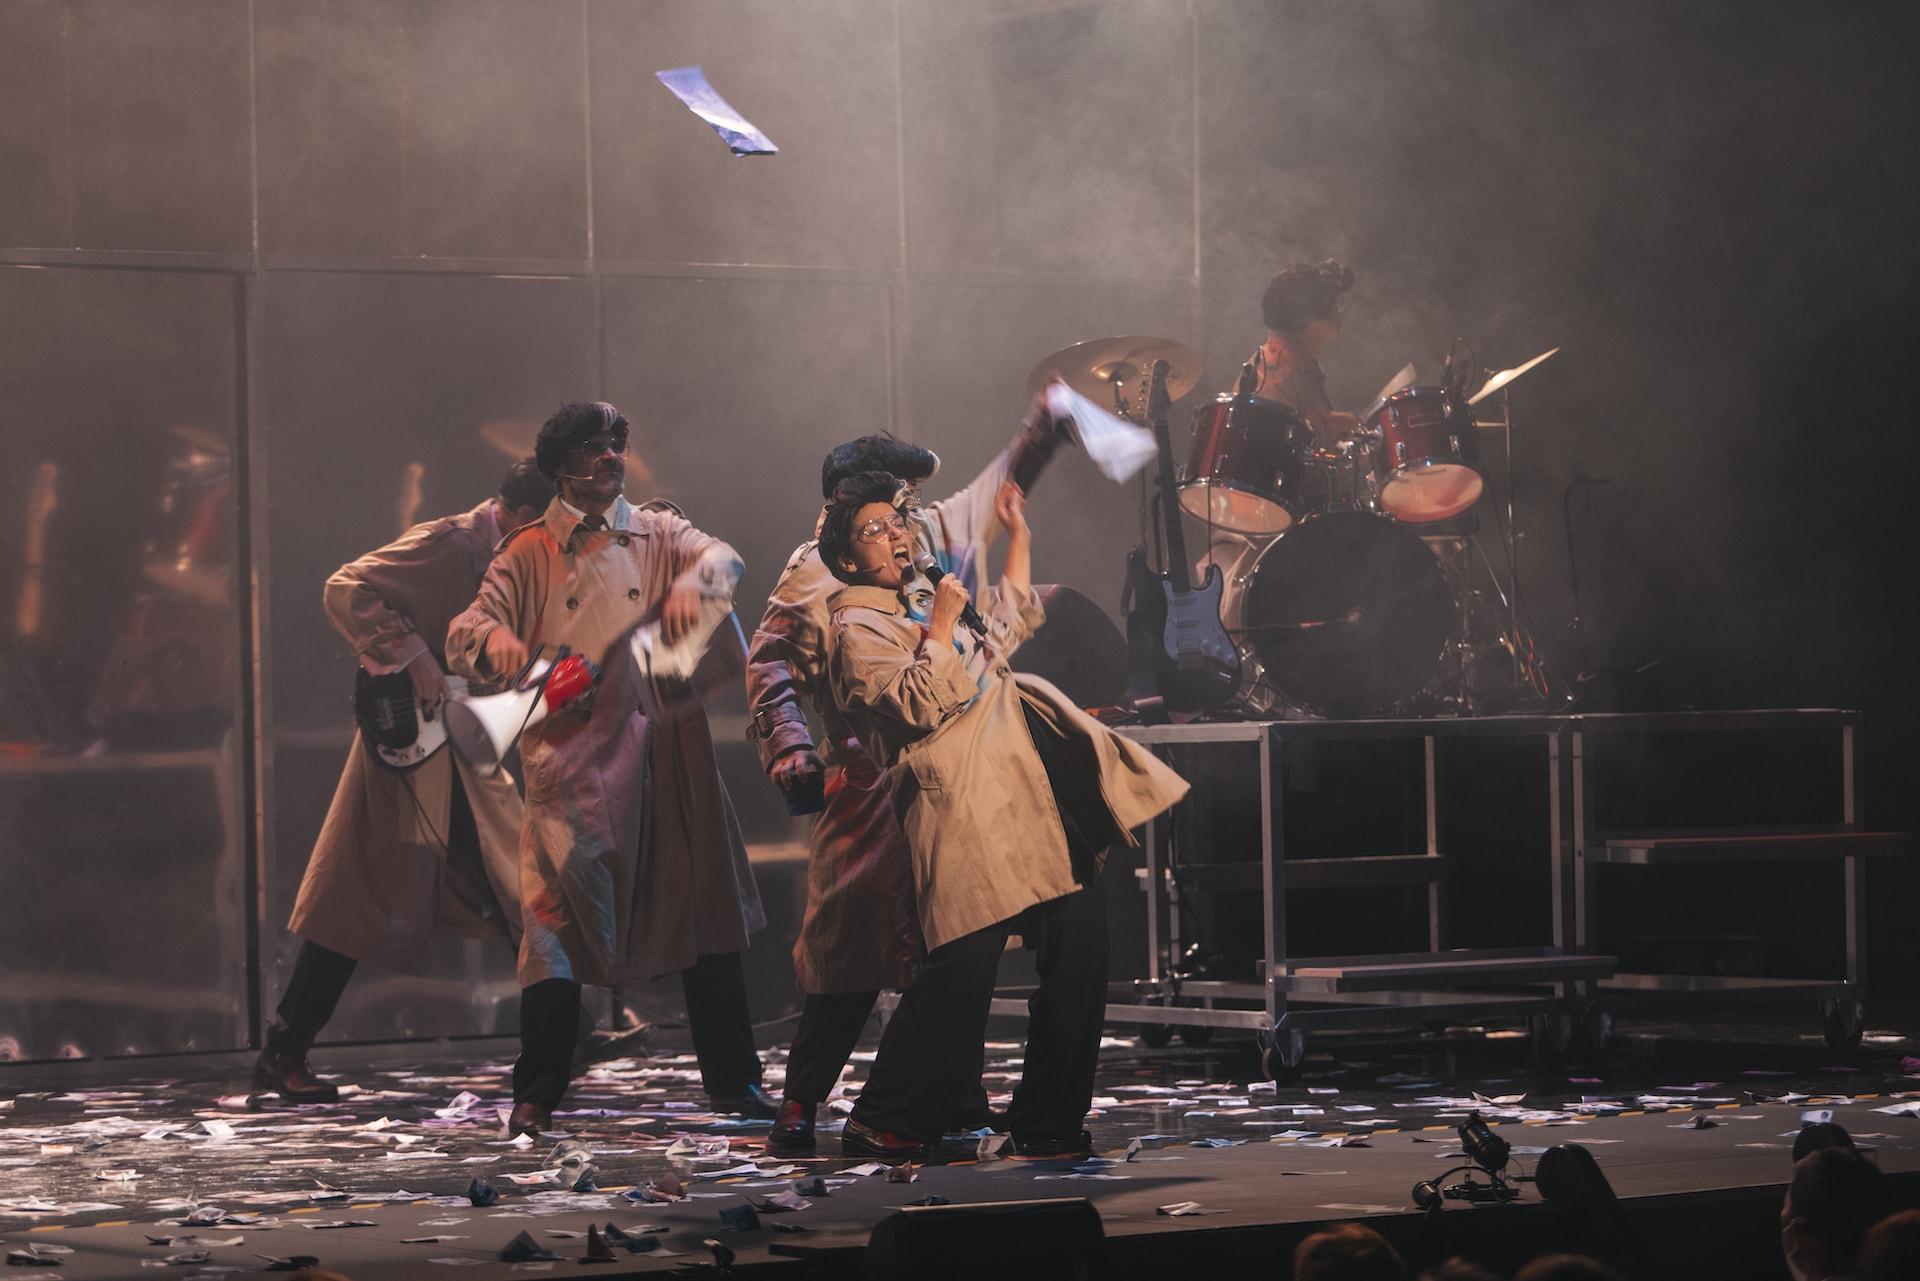 Los actores de Fariña cantando y bailando durante el espectáculo